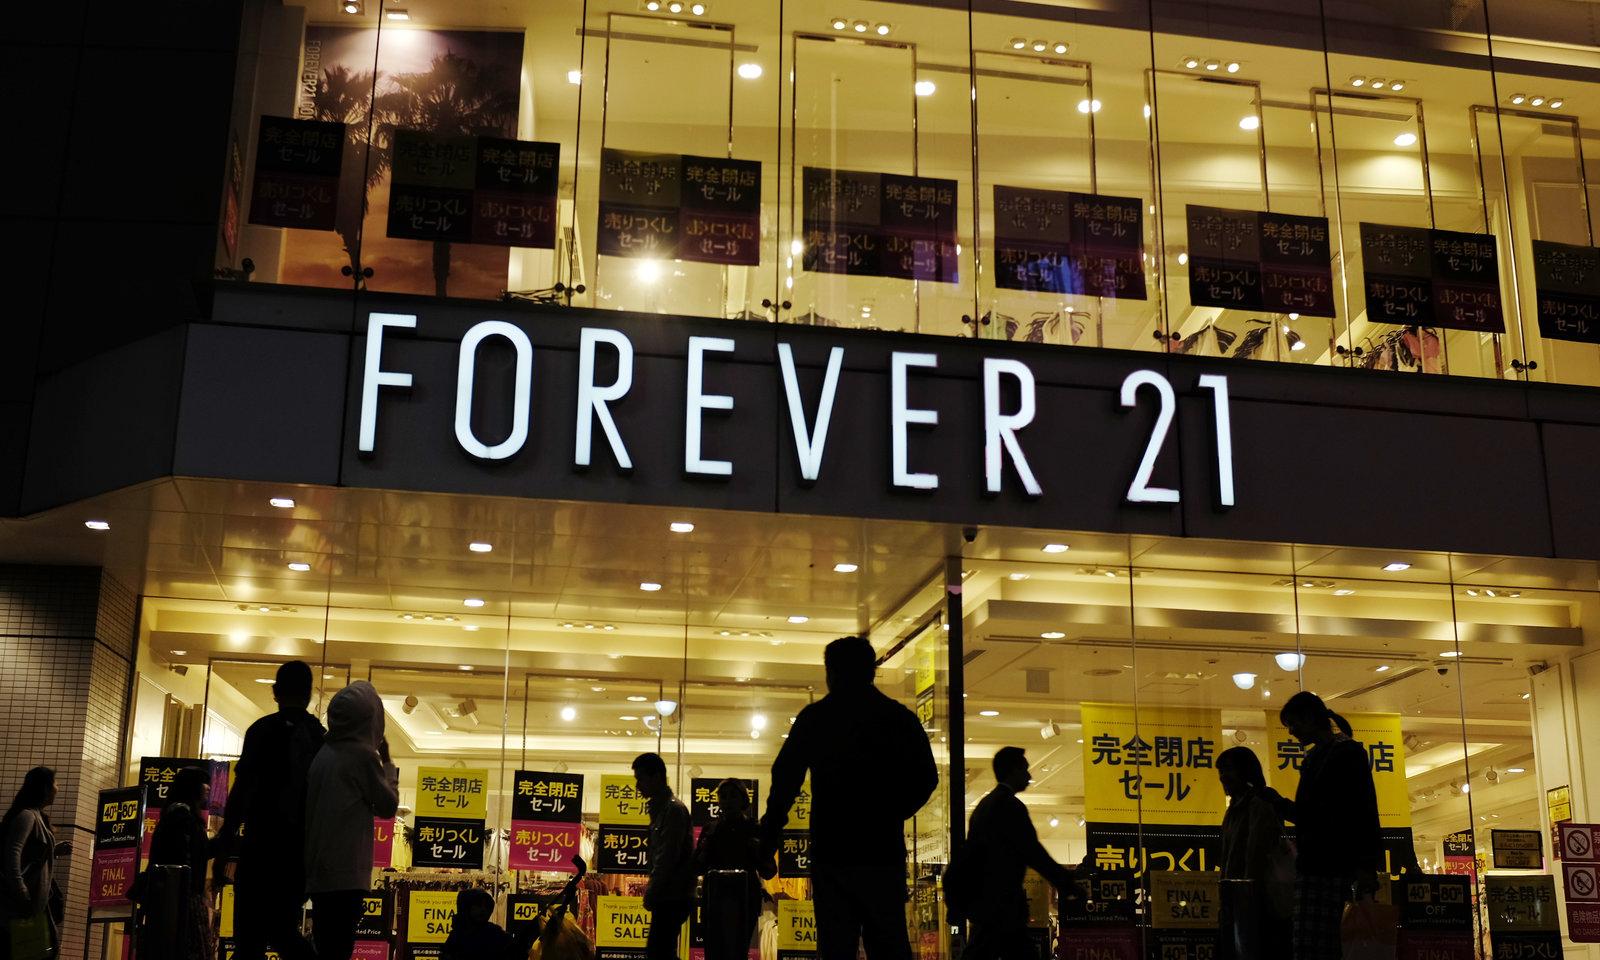 成本约 3 亿美元,Forever 21 被正式收购